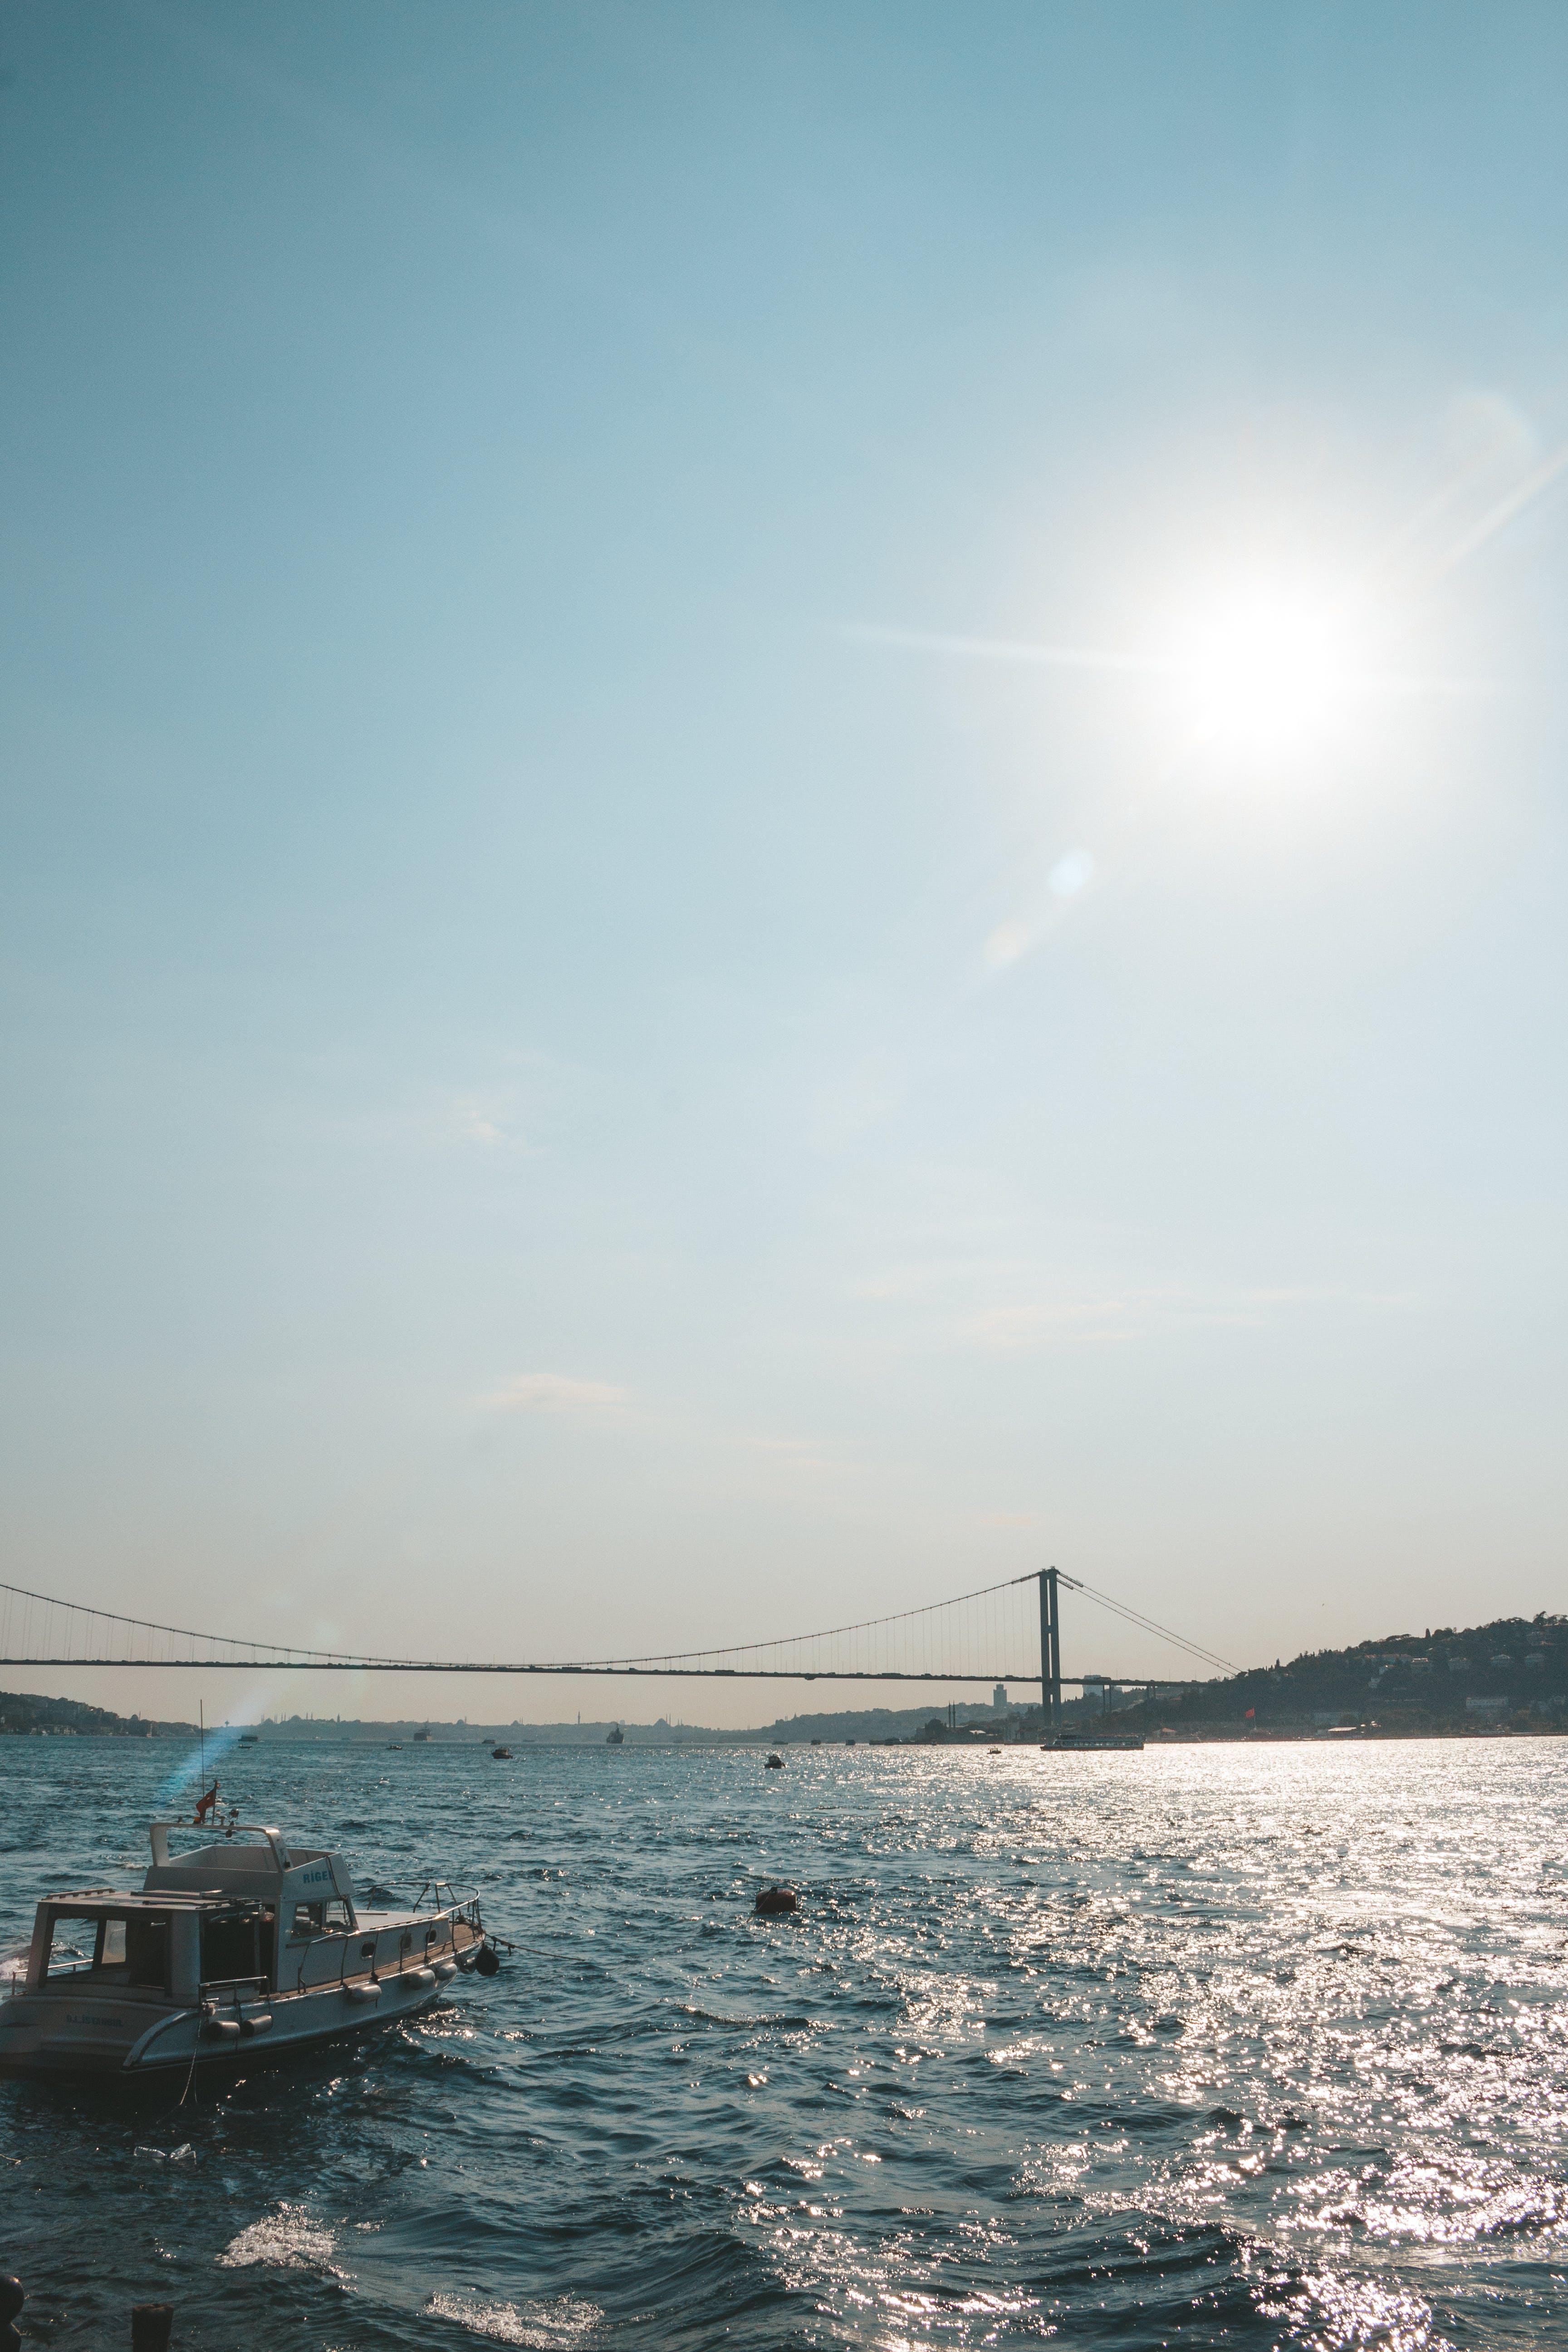 Δωρεάν στοκ φωτογραφιών με αυγή, γέφυρα, γνέφω, δύση του ηλίου